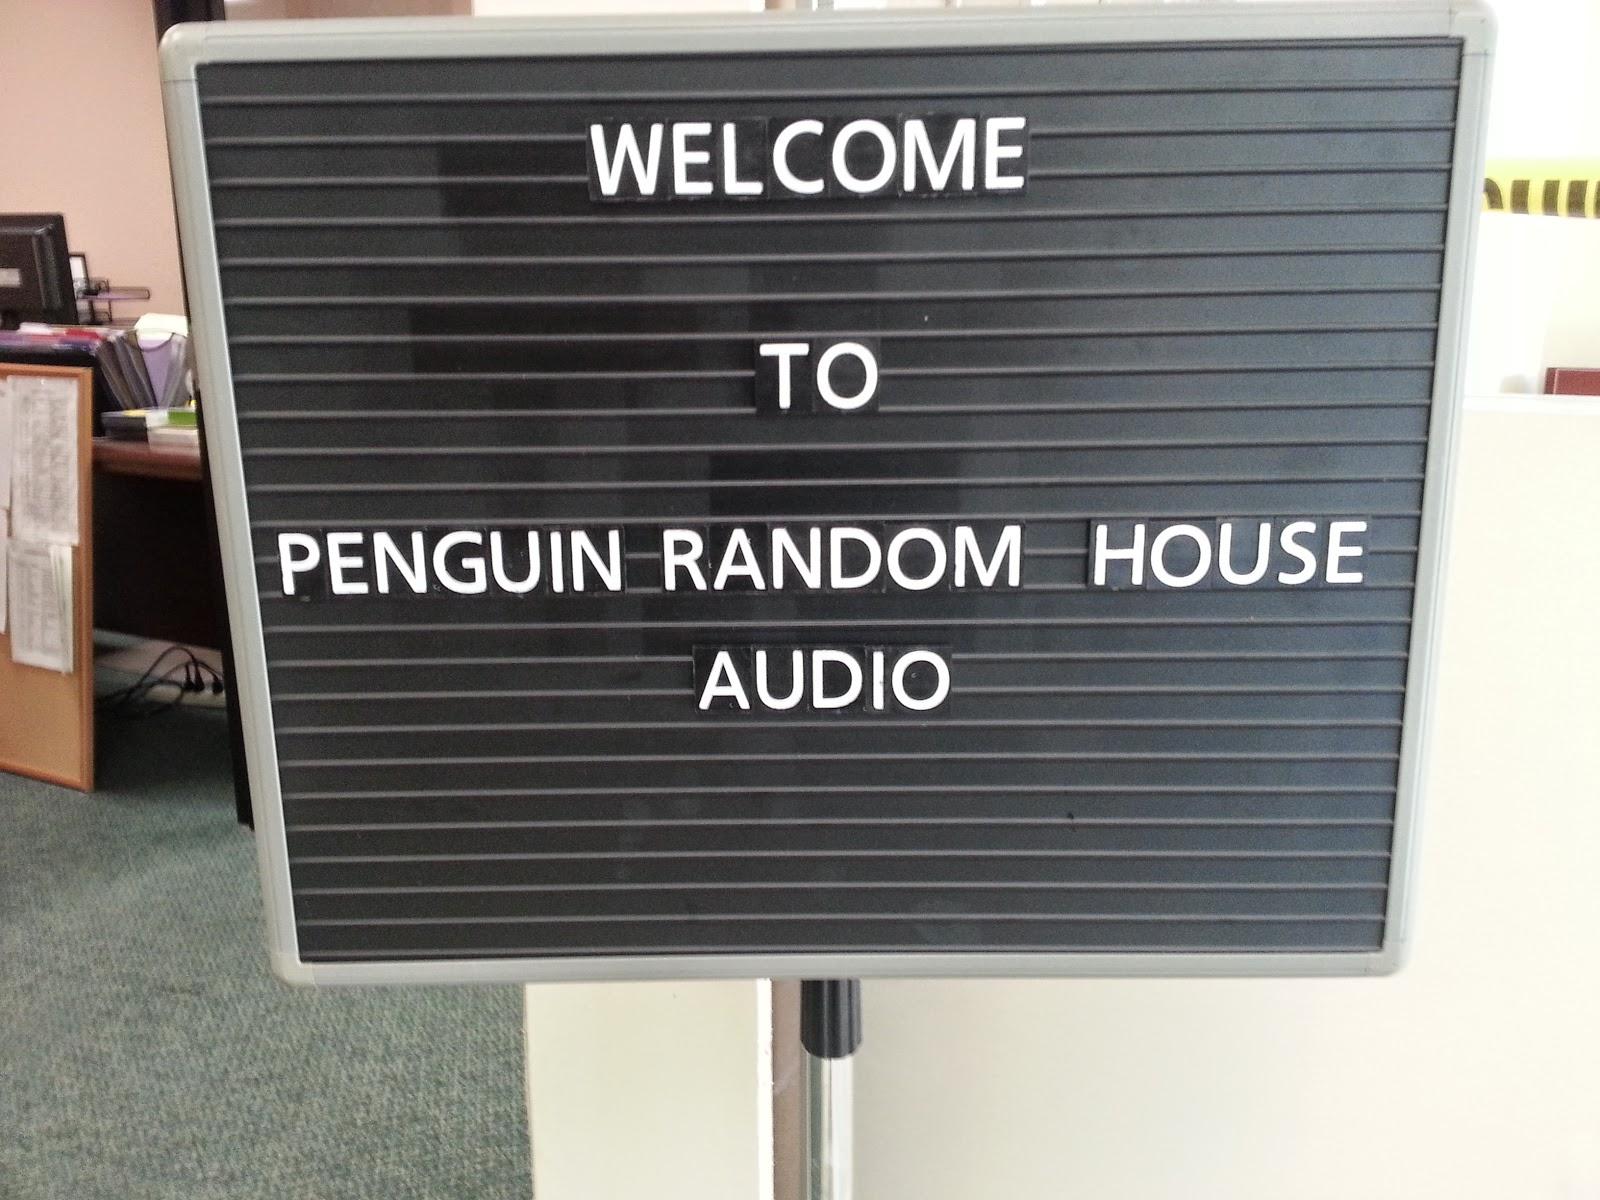 Penguim Random House, la più grande casa editrice del mondo, ha un forte commitment nei confronti degli audiobook. Nel 2013 ha lanciato una campagna pubblicitaria di grande affissioni in alcune città americane che non è passata inosservata.